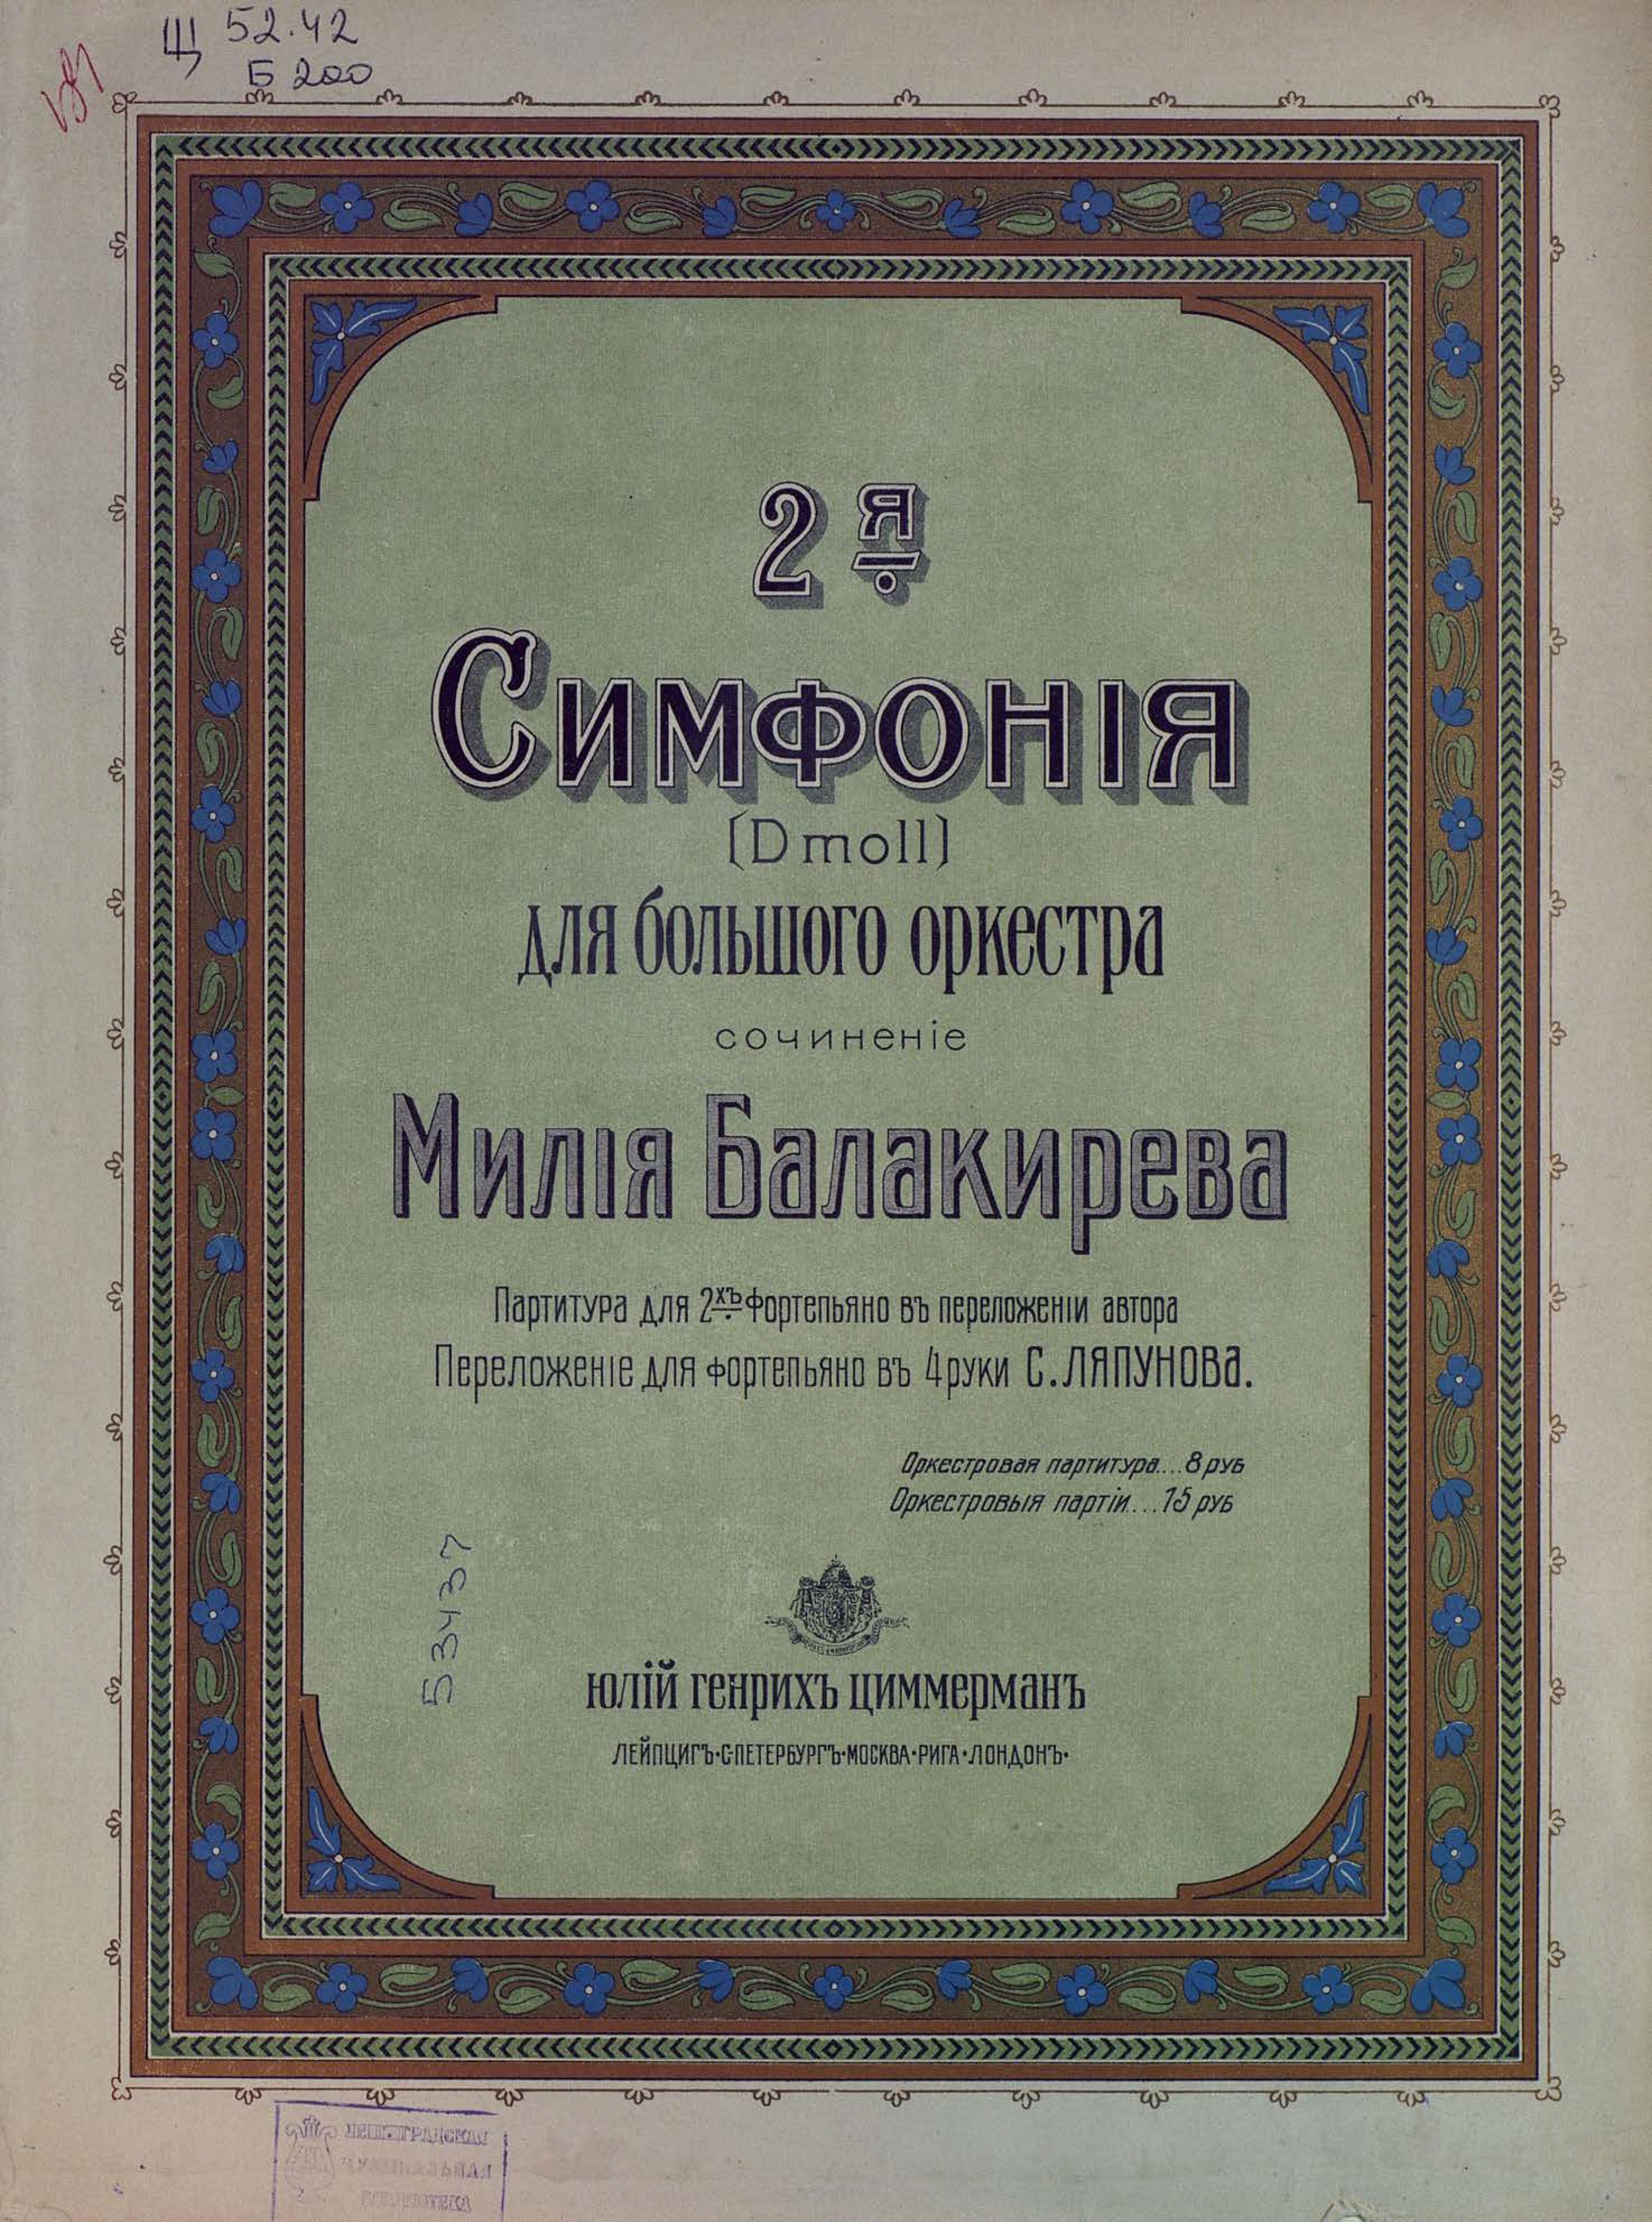 цена на Милий Алексеевич Балакирев 2-я симфония (D moll) для большого оркестра